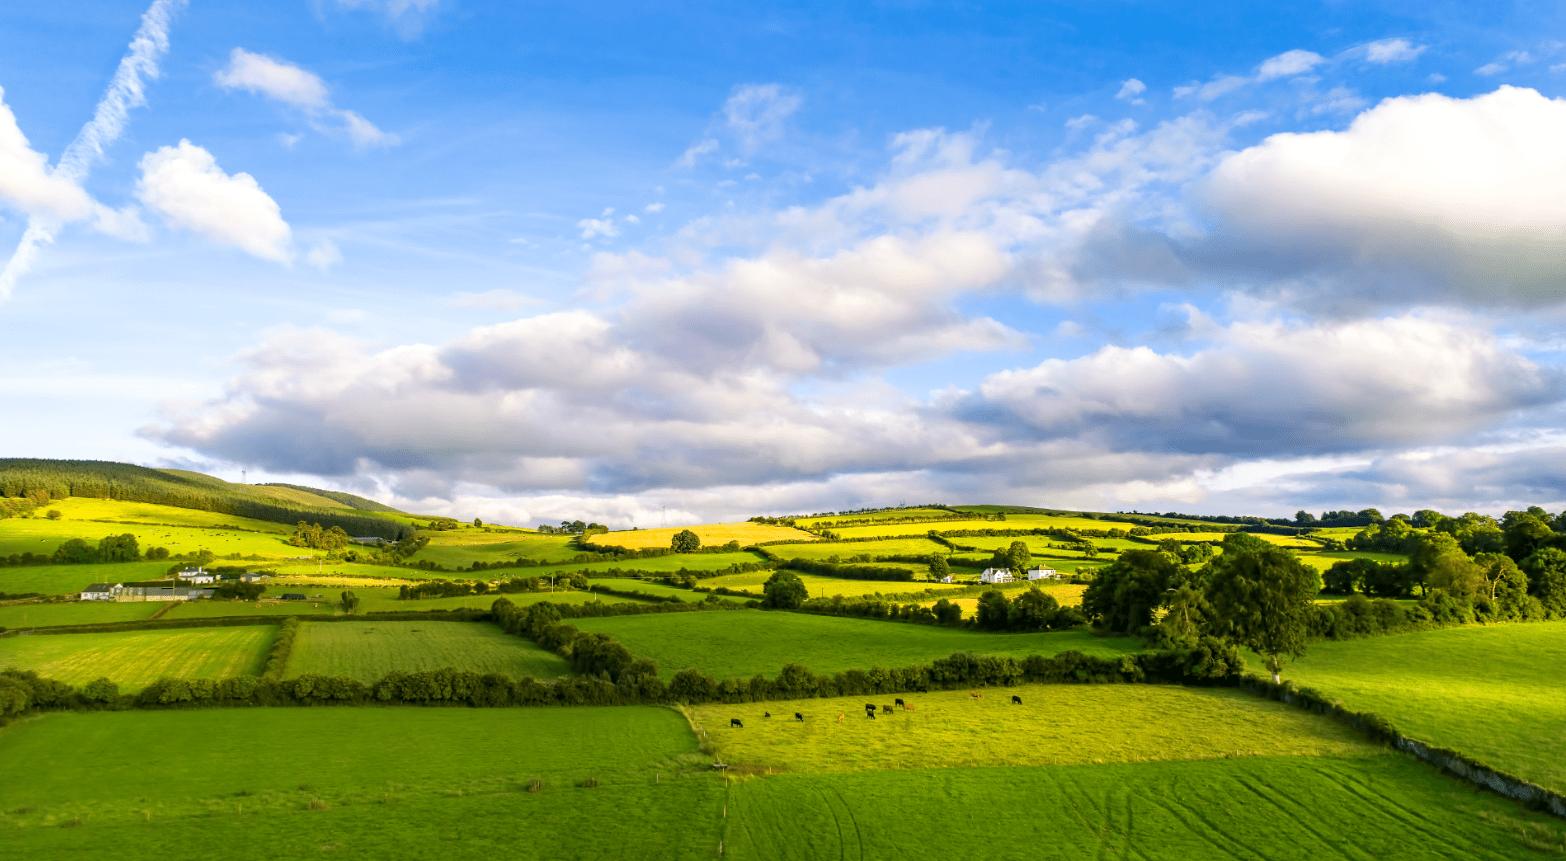 Durabilité - Le bœuf Irlandais